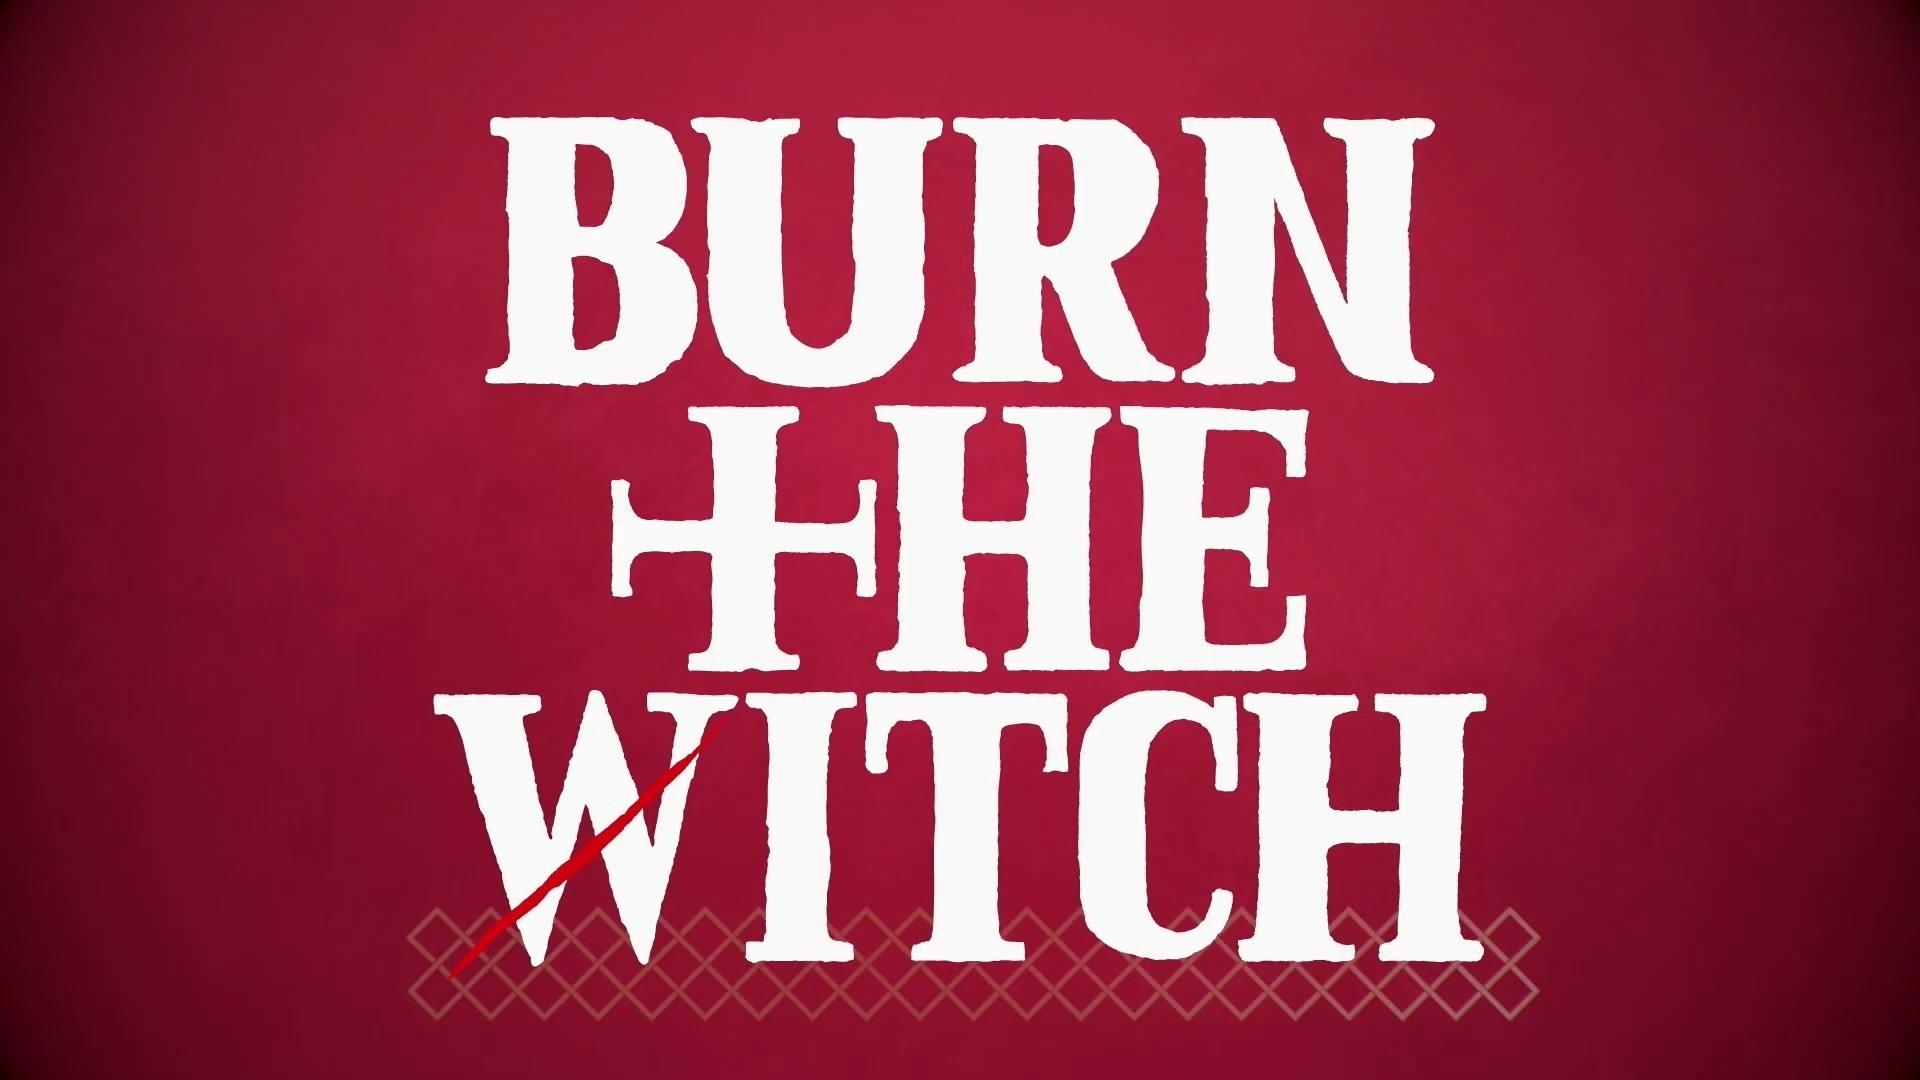 久保带人新作剧场版动画《Burn the Witch》第2弹PV公开,10月2日上映-